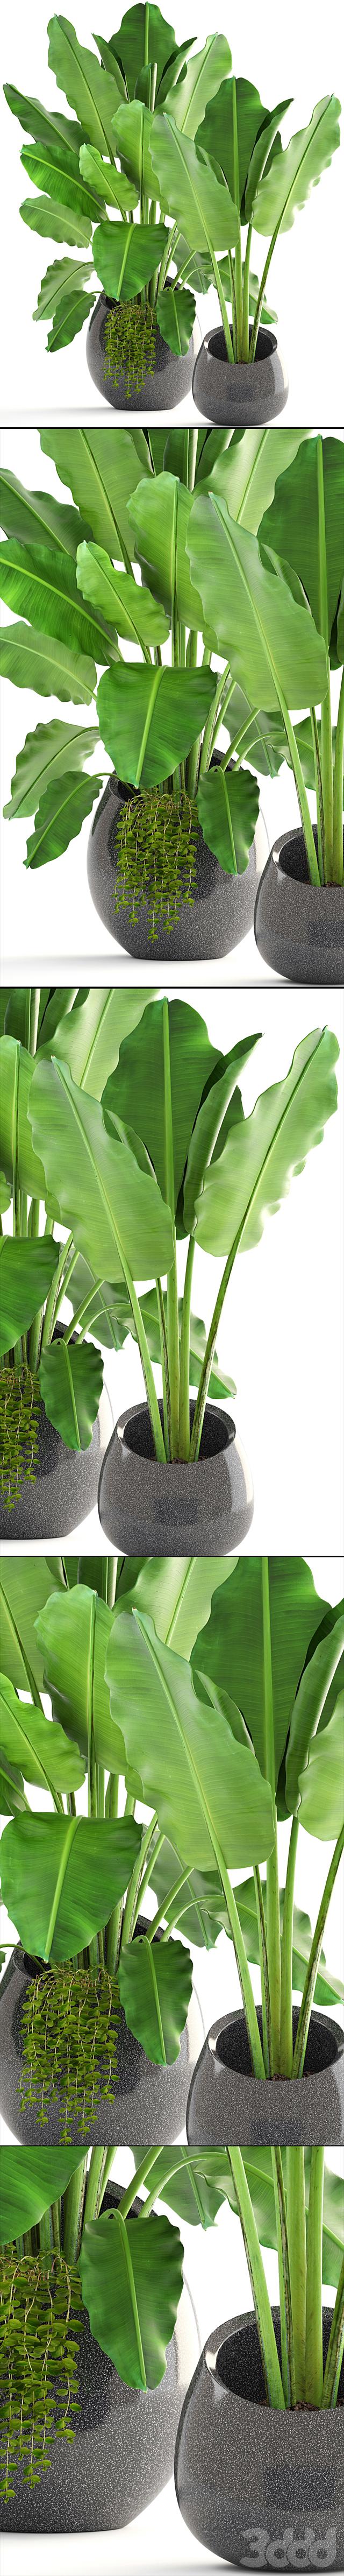 Коллекция растений 171. Banana palm